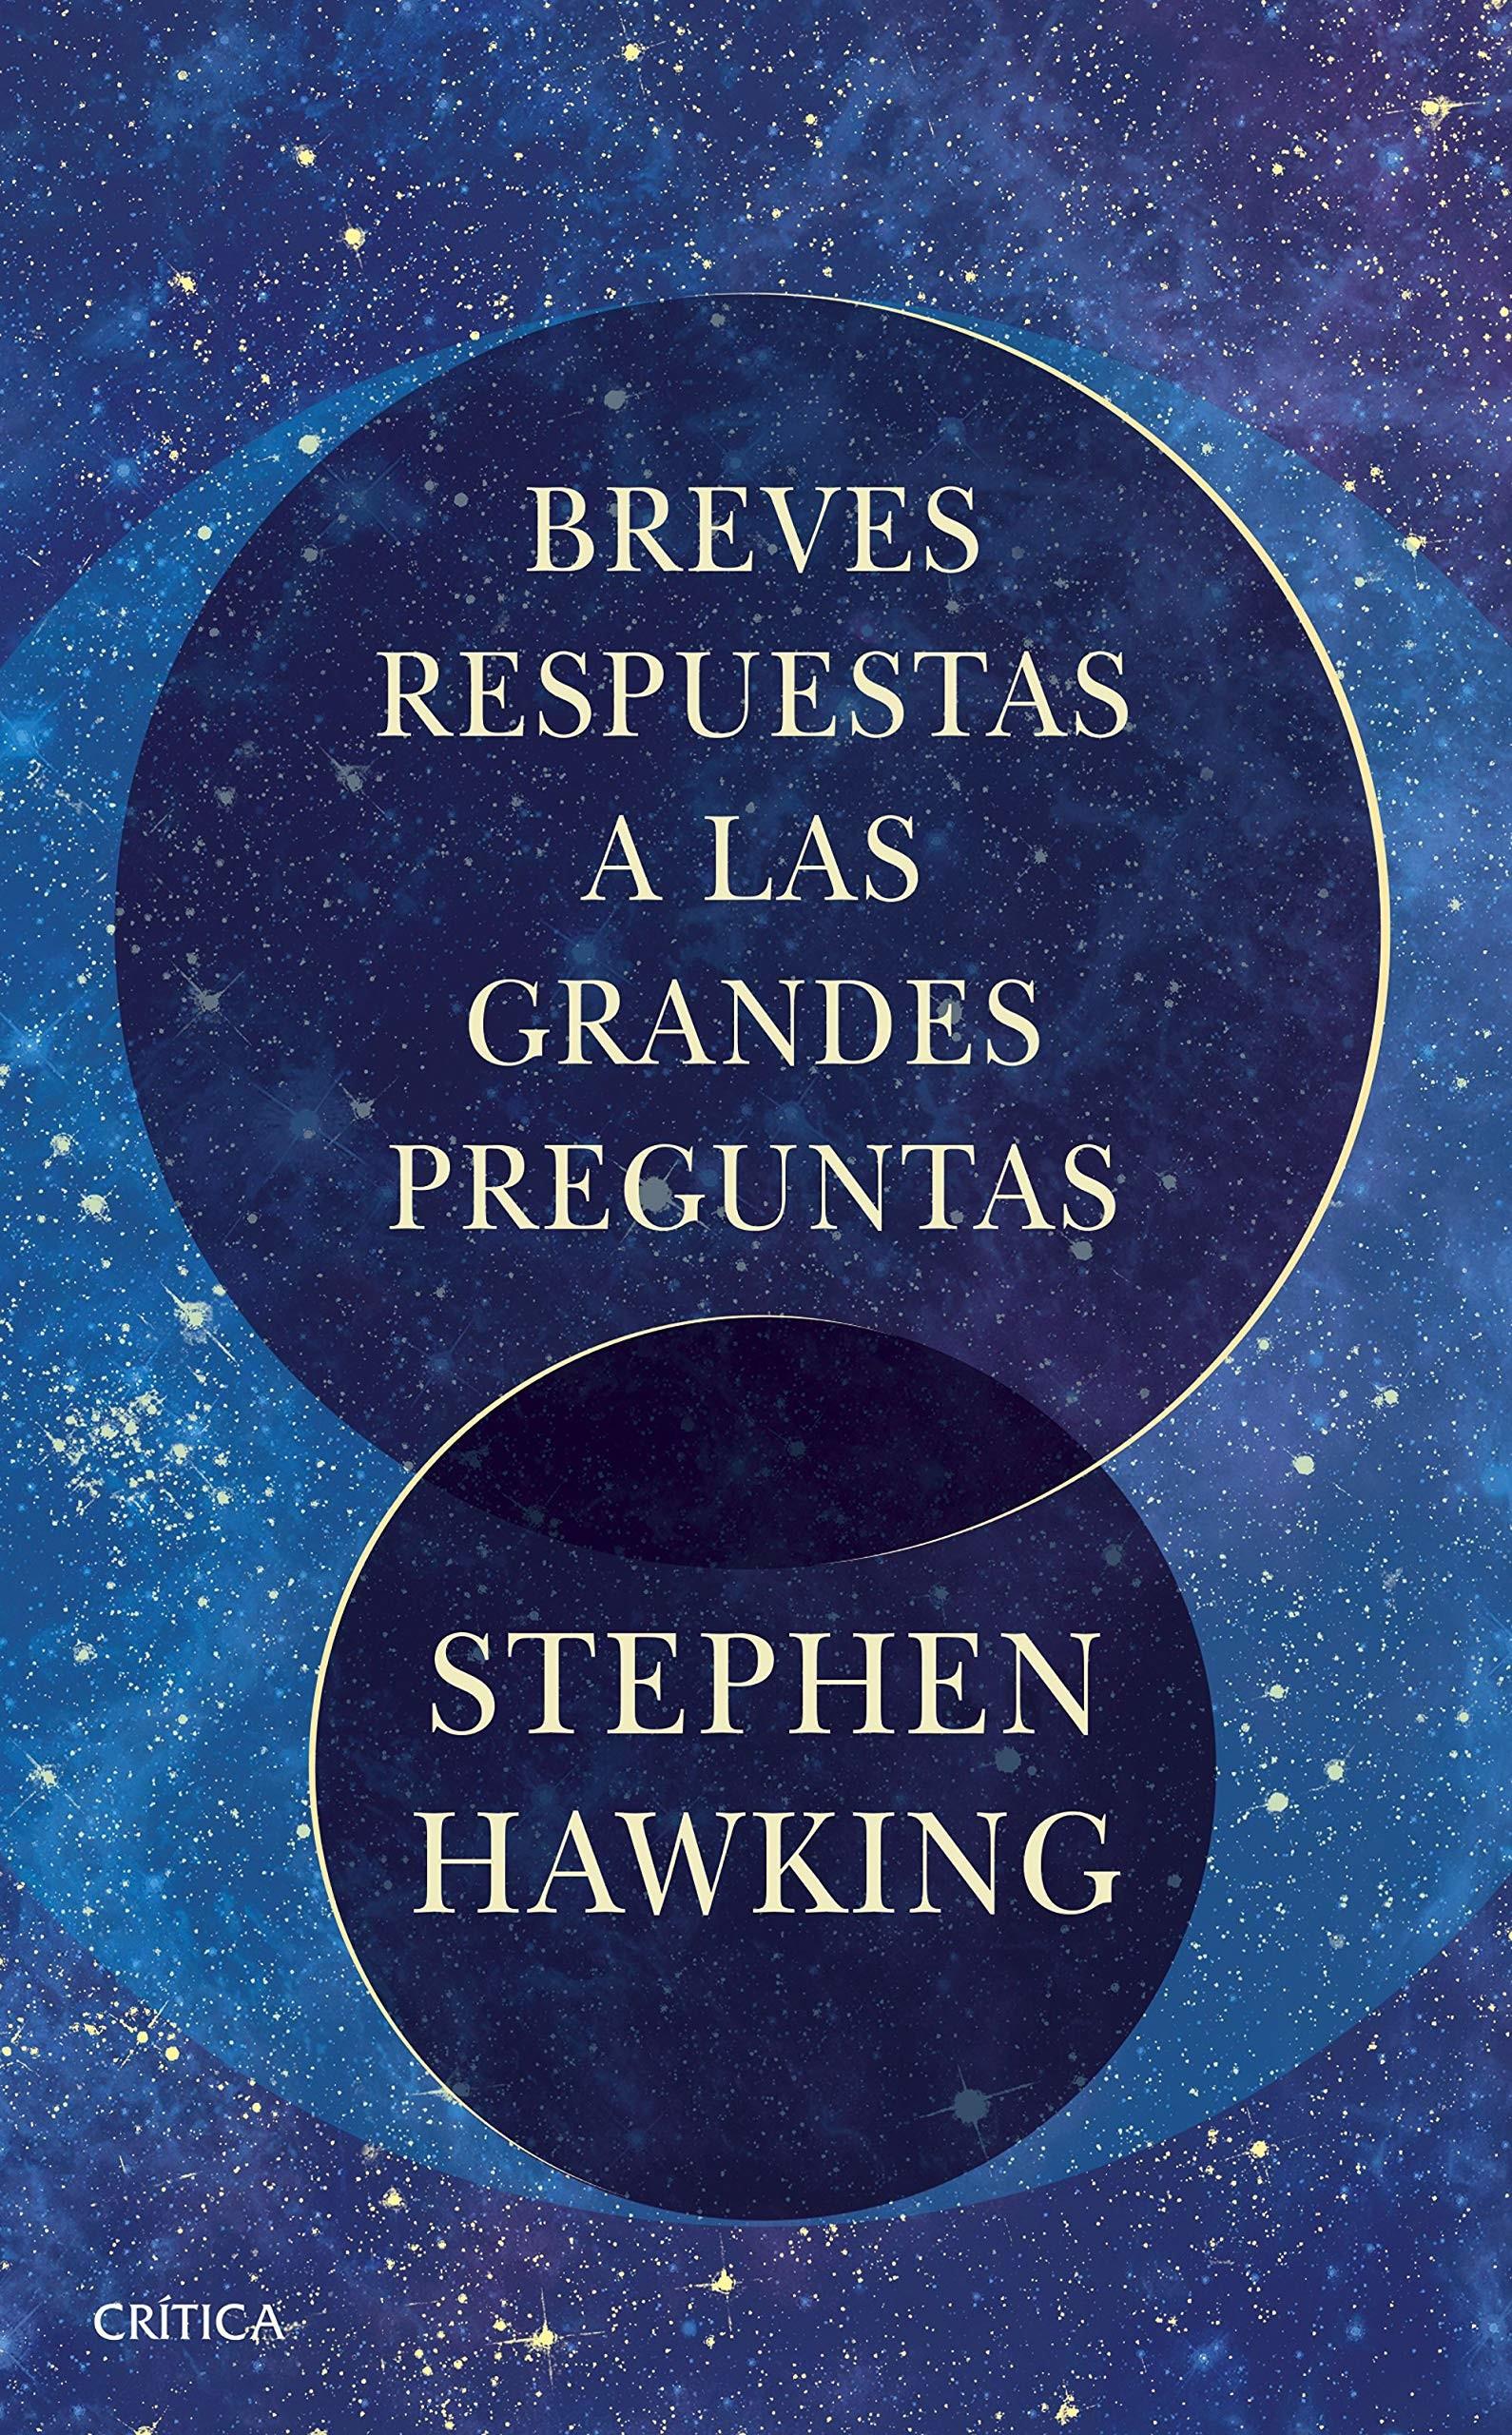 la última obra de Hawking en el día internacional del libro